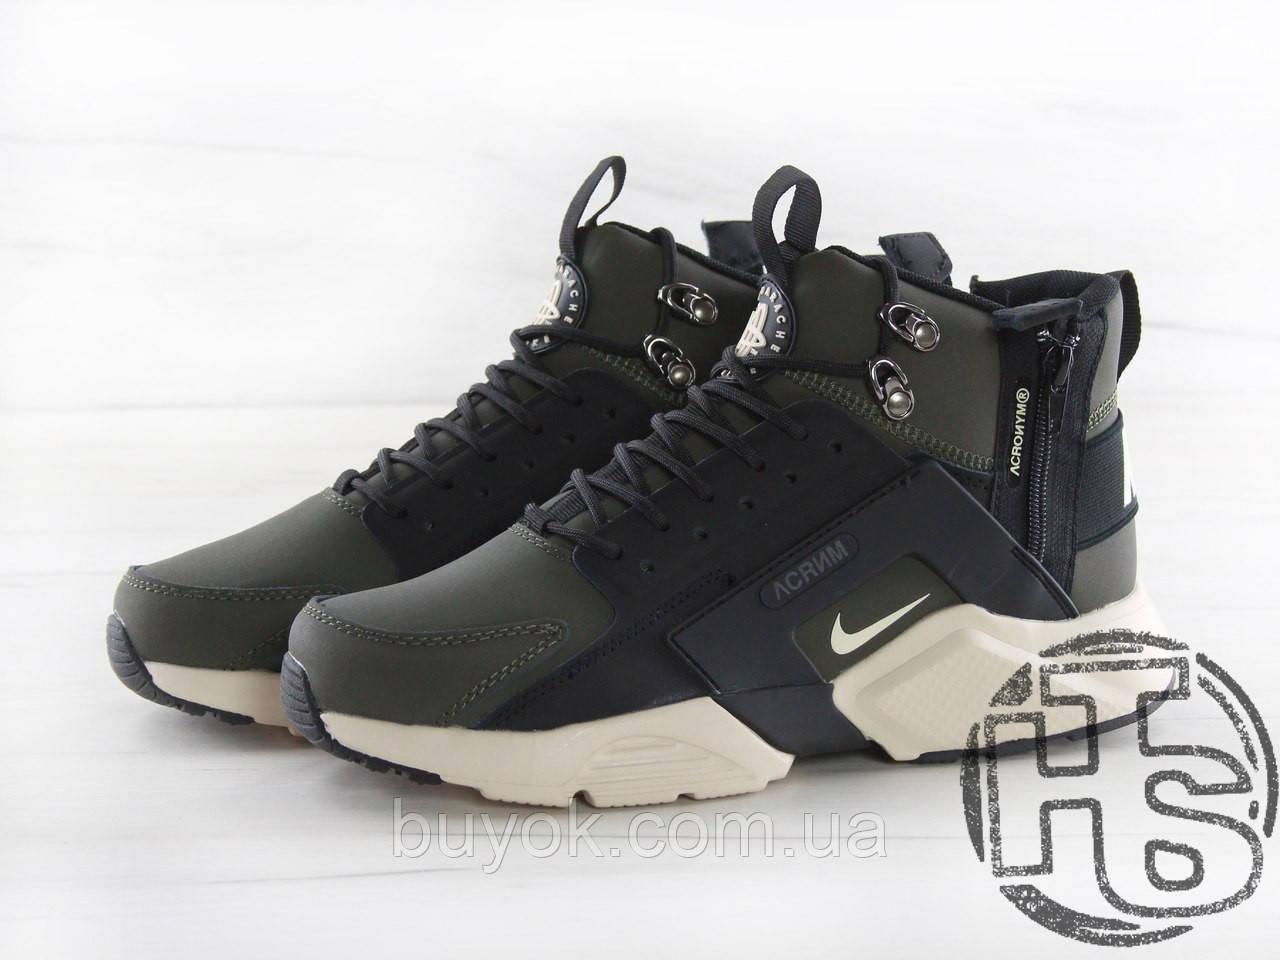 Чоловічі кросівки Nike Air Huarache x ACRONYM MID City LEA Green/Black 856787-107